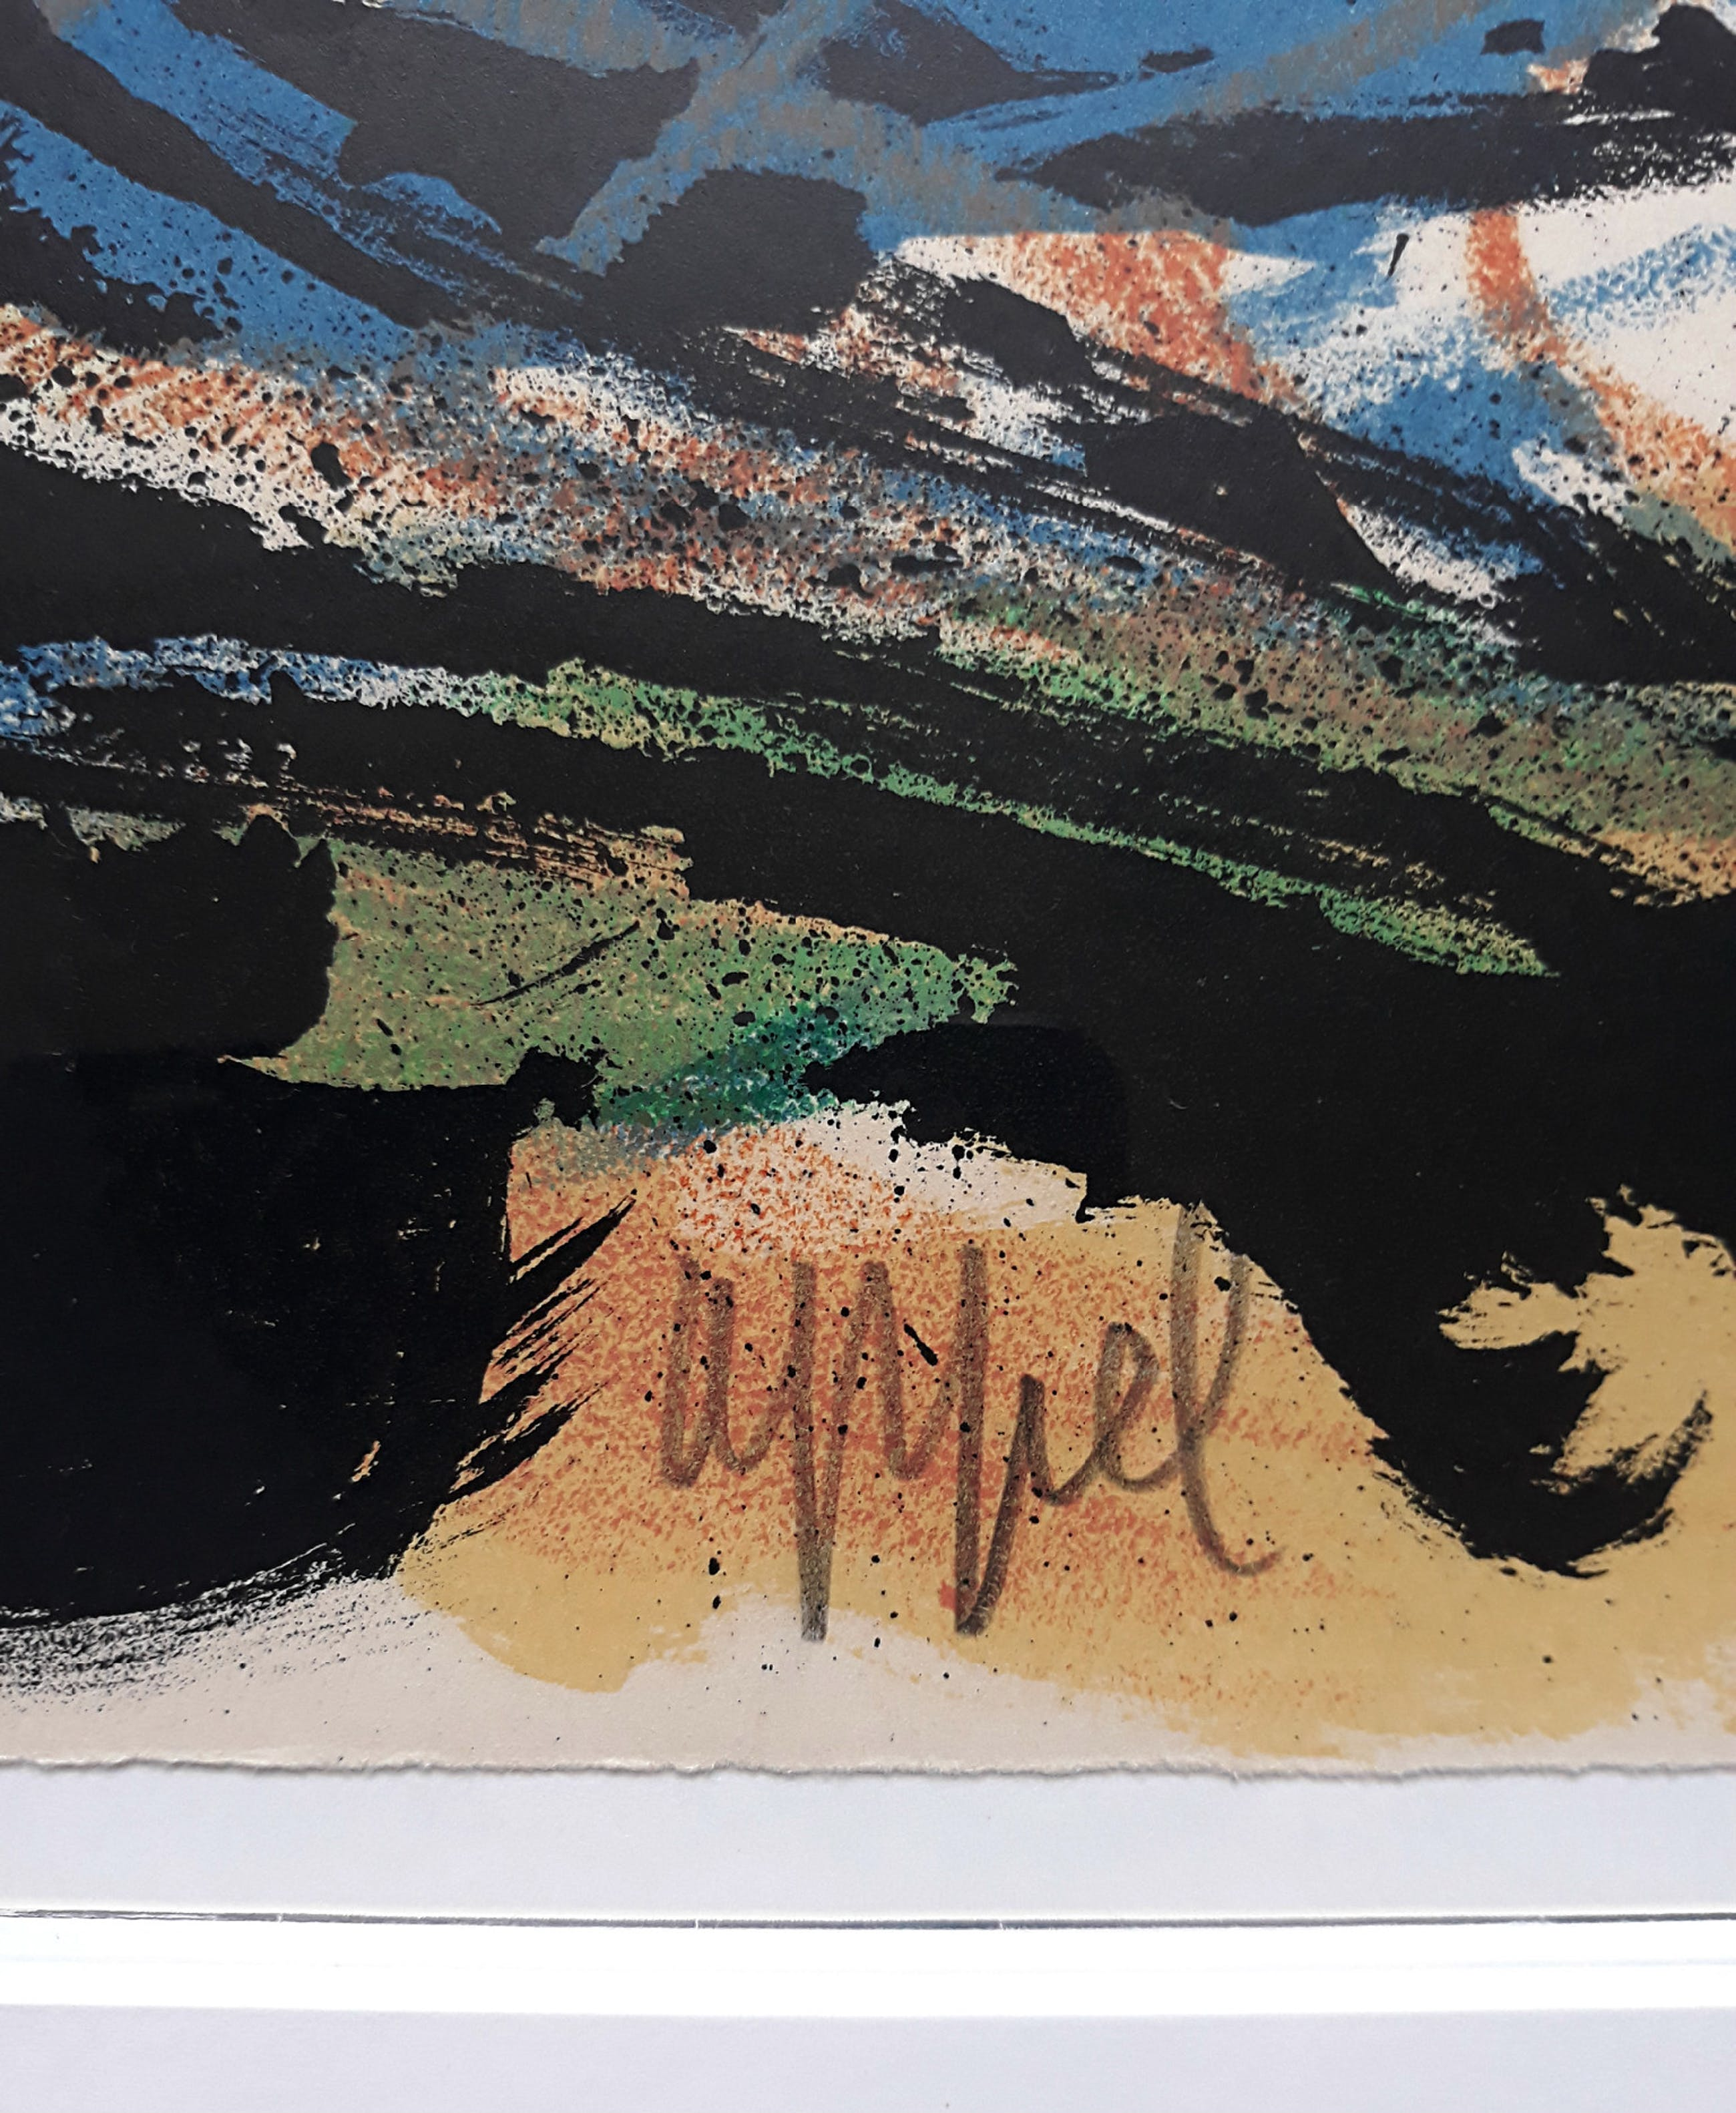 Karel Appel - Paysage humain, litho (mooi ingelijst) kopen? Bied vanaf 895!